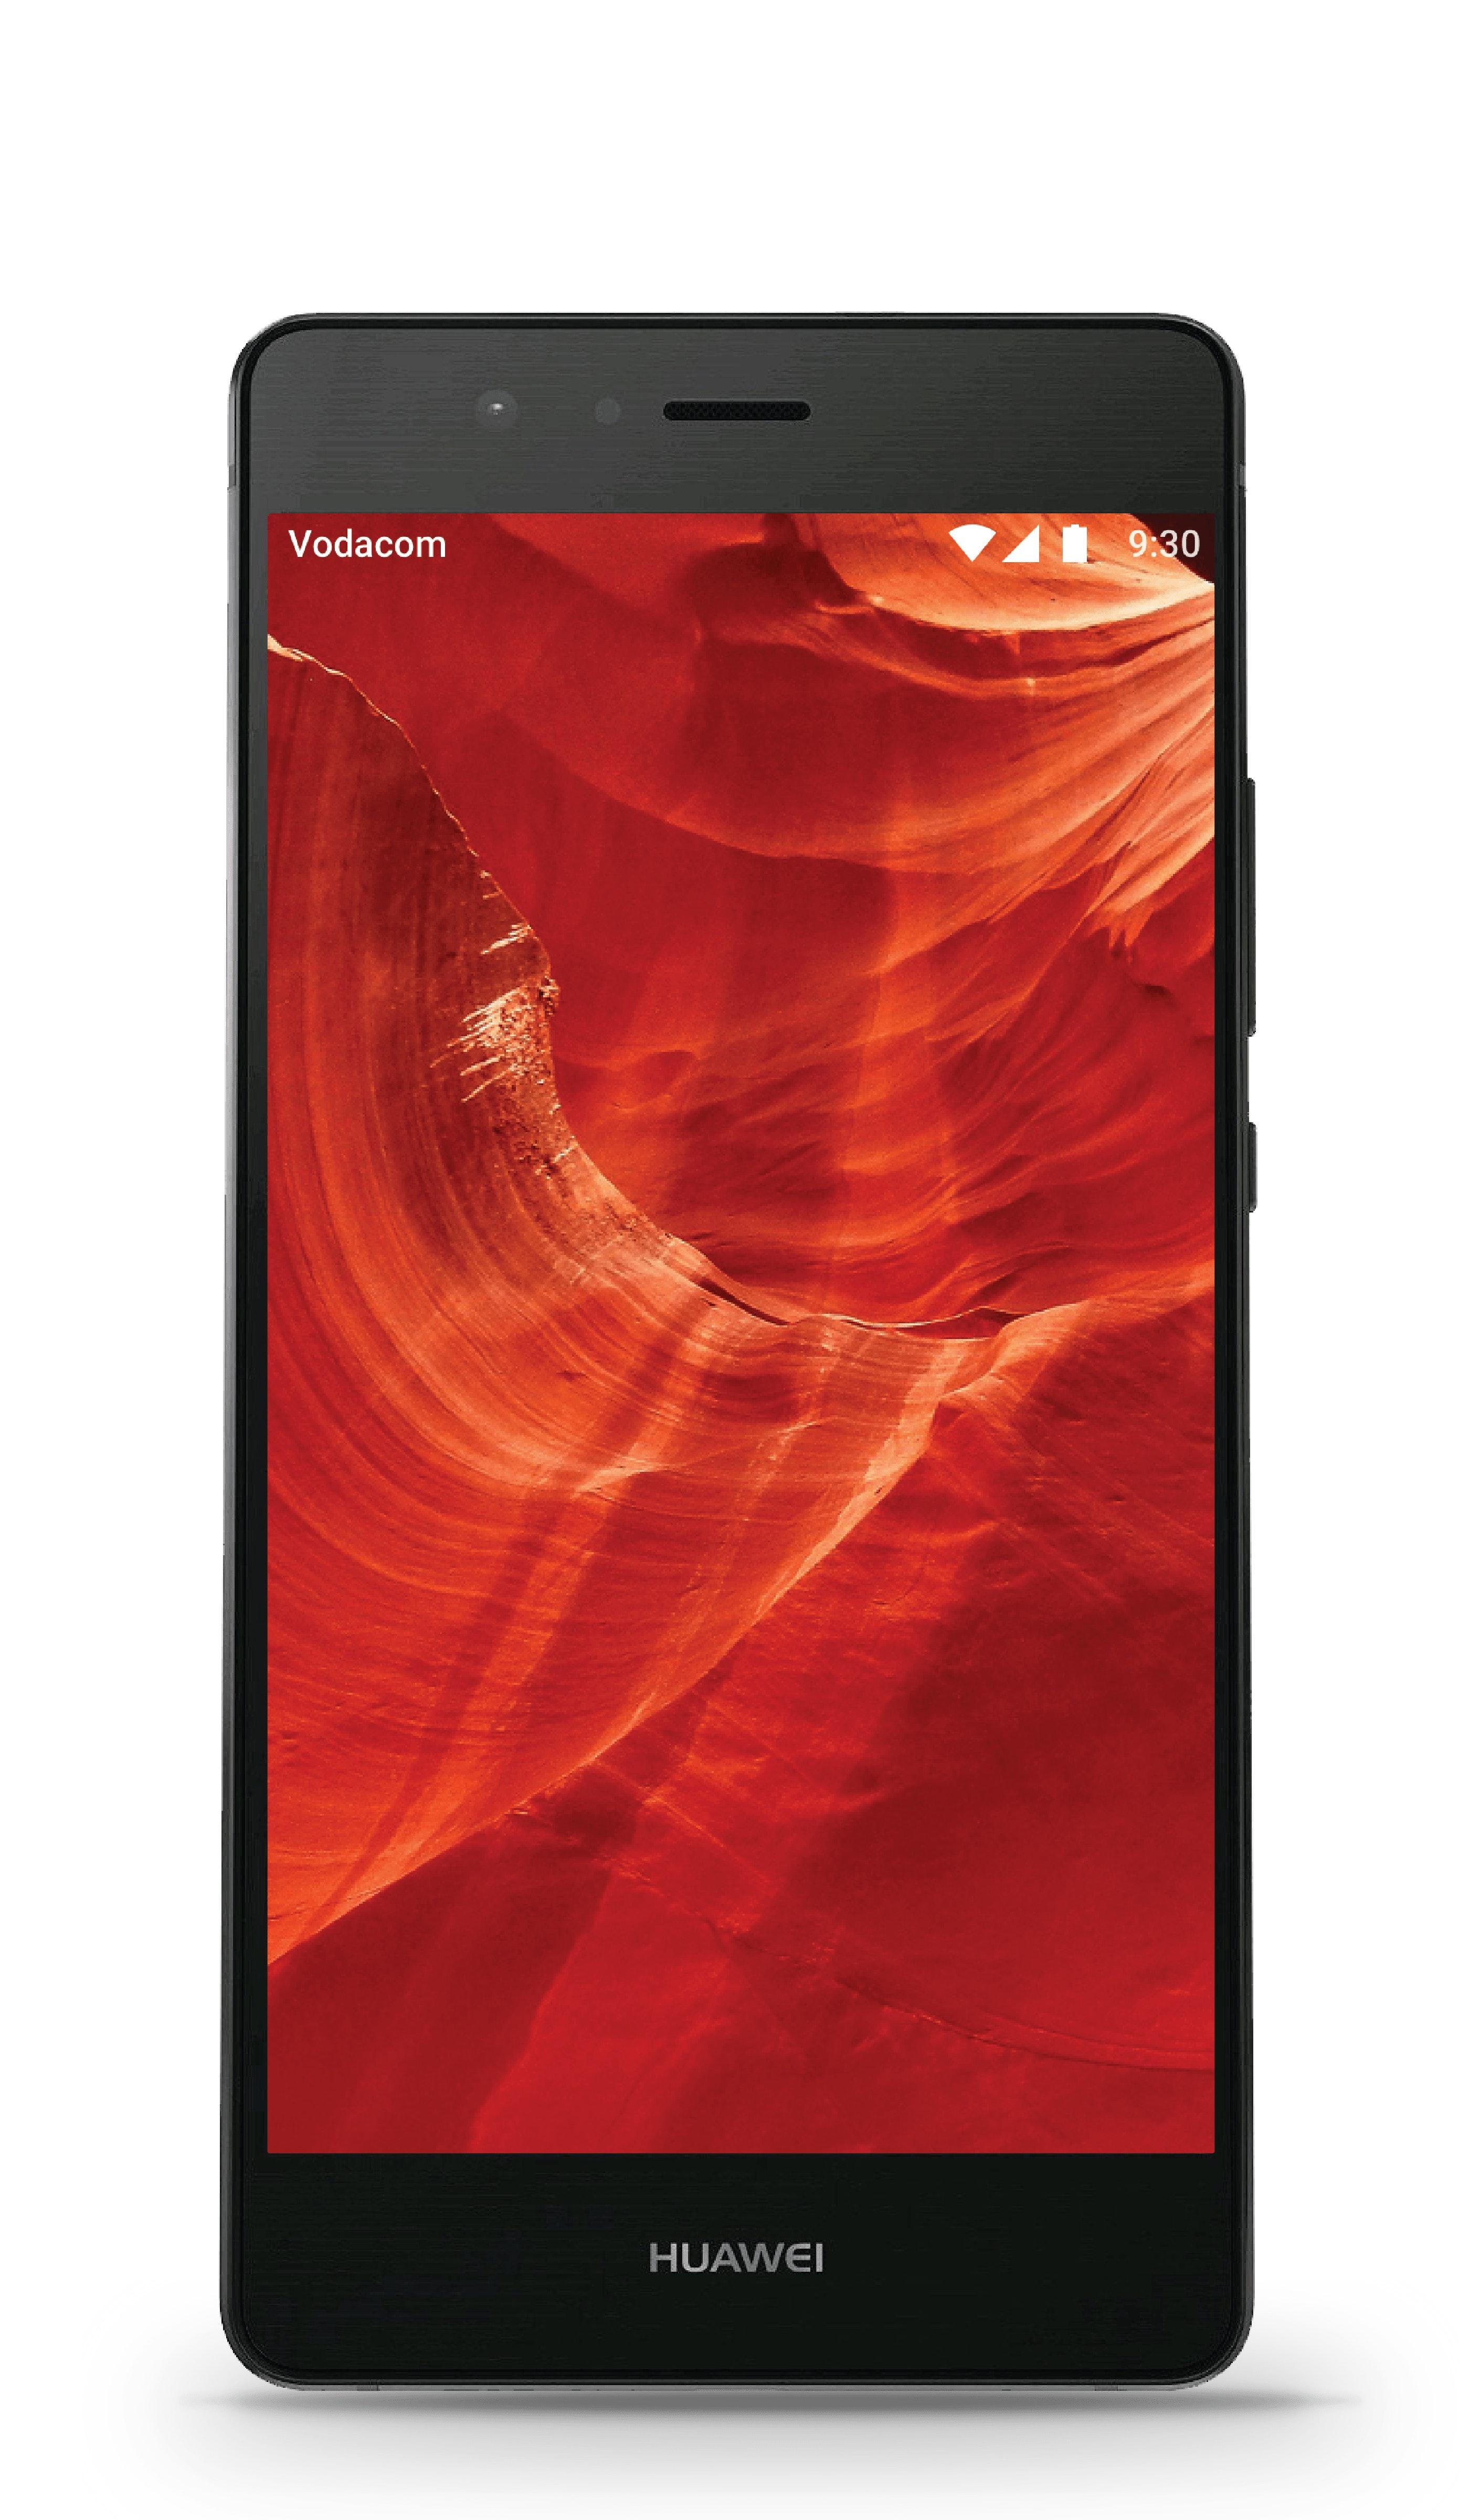 Huawei P9 Lite image